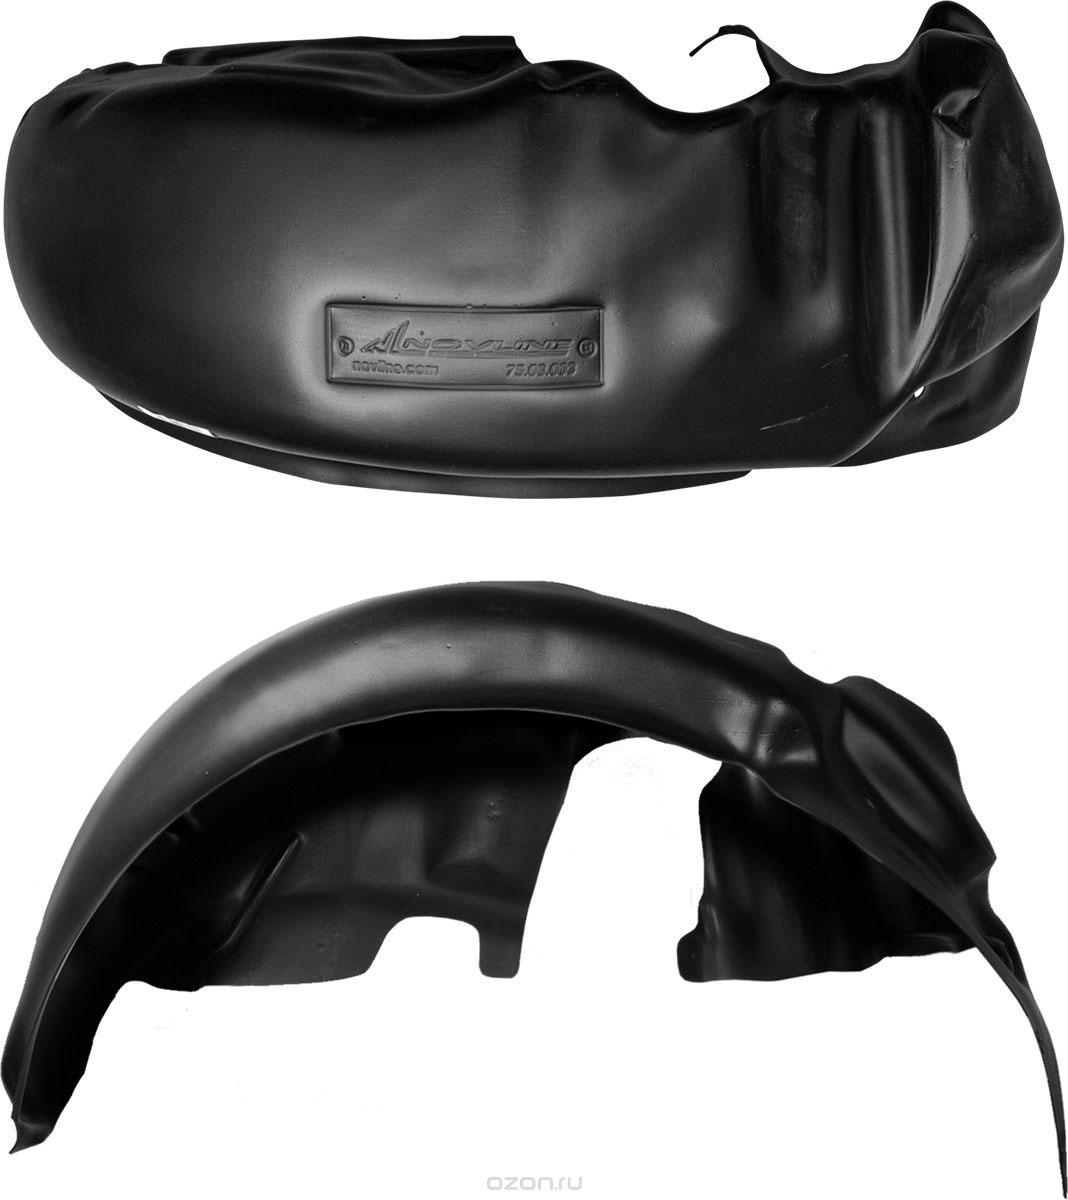 Подкрылок Novline-Autofamily, для Citroen Jumper, 2006->, с расширителями арок, задний левыйNLL.10.18.003Идеальная защита колесной ниши. Локеры разработаны с применением цифровых технологий, гарантируют максимальную повторяемость поверхности арки. Изделия устанавливаются без нарушения лакокрасочного покрытия автомобиля, каждый подкрылок комплектуется крепежом. Уважаемые клиенты, обращаем ваше внимание, что фотографии на подкрылки универсальные и не отражают реальную форму изделия. При этом само изделие идет точно под размер указанного автомобиля.